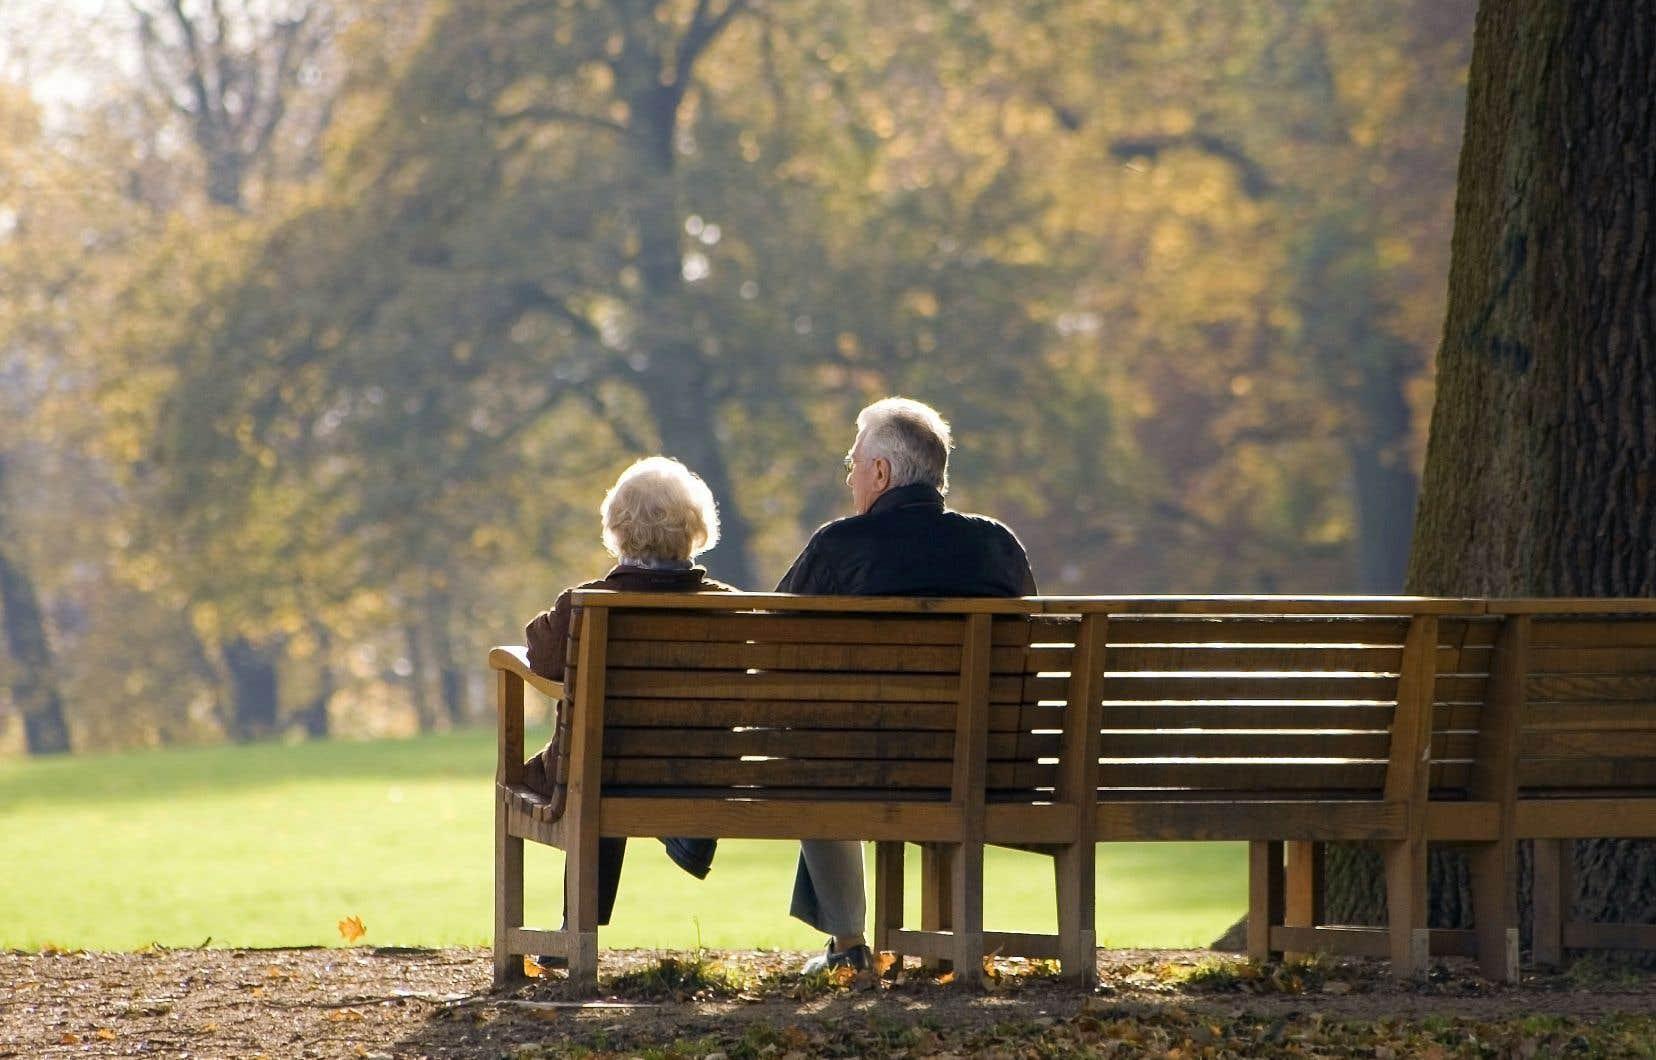 Le Canada est l'un des huit pays de l'OCDE où plus de 40% des travailleurs ont accès à des régimes complémentaires de retraite privés.